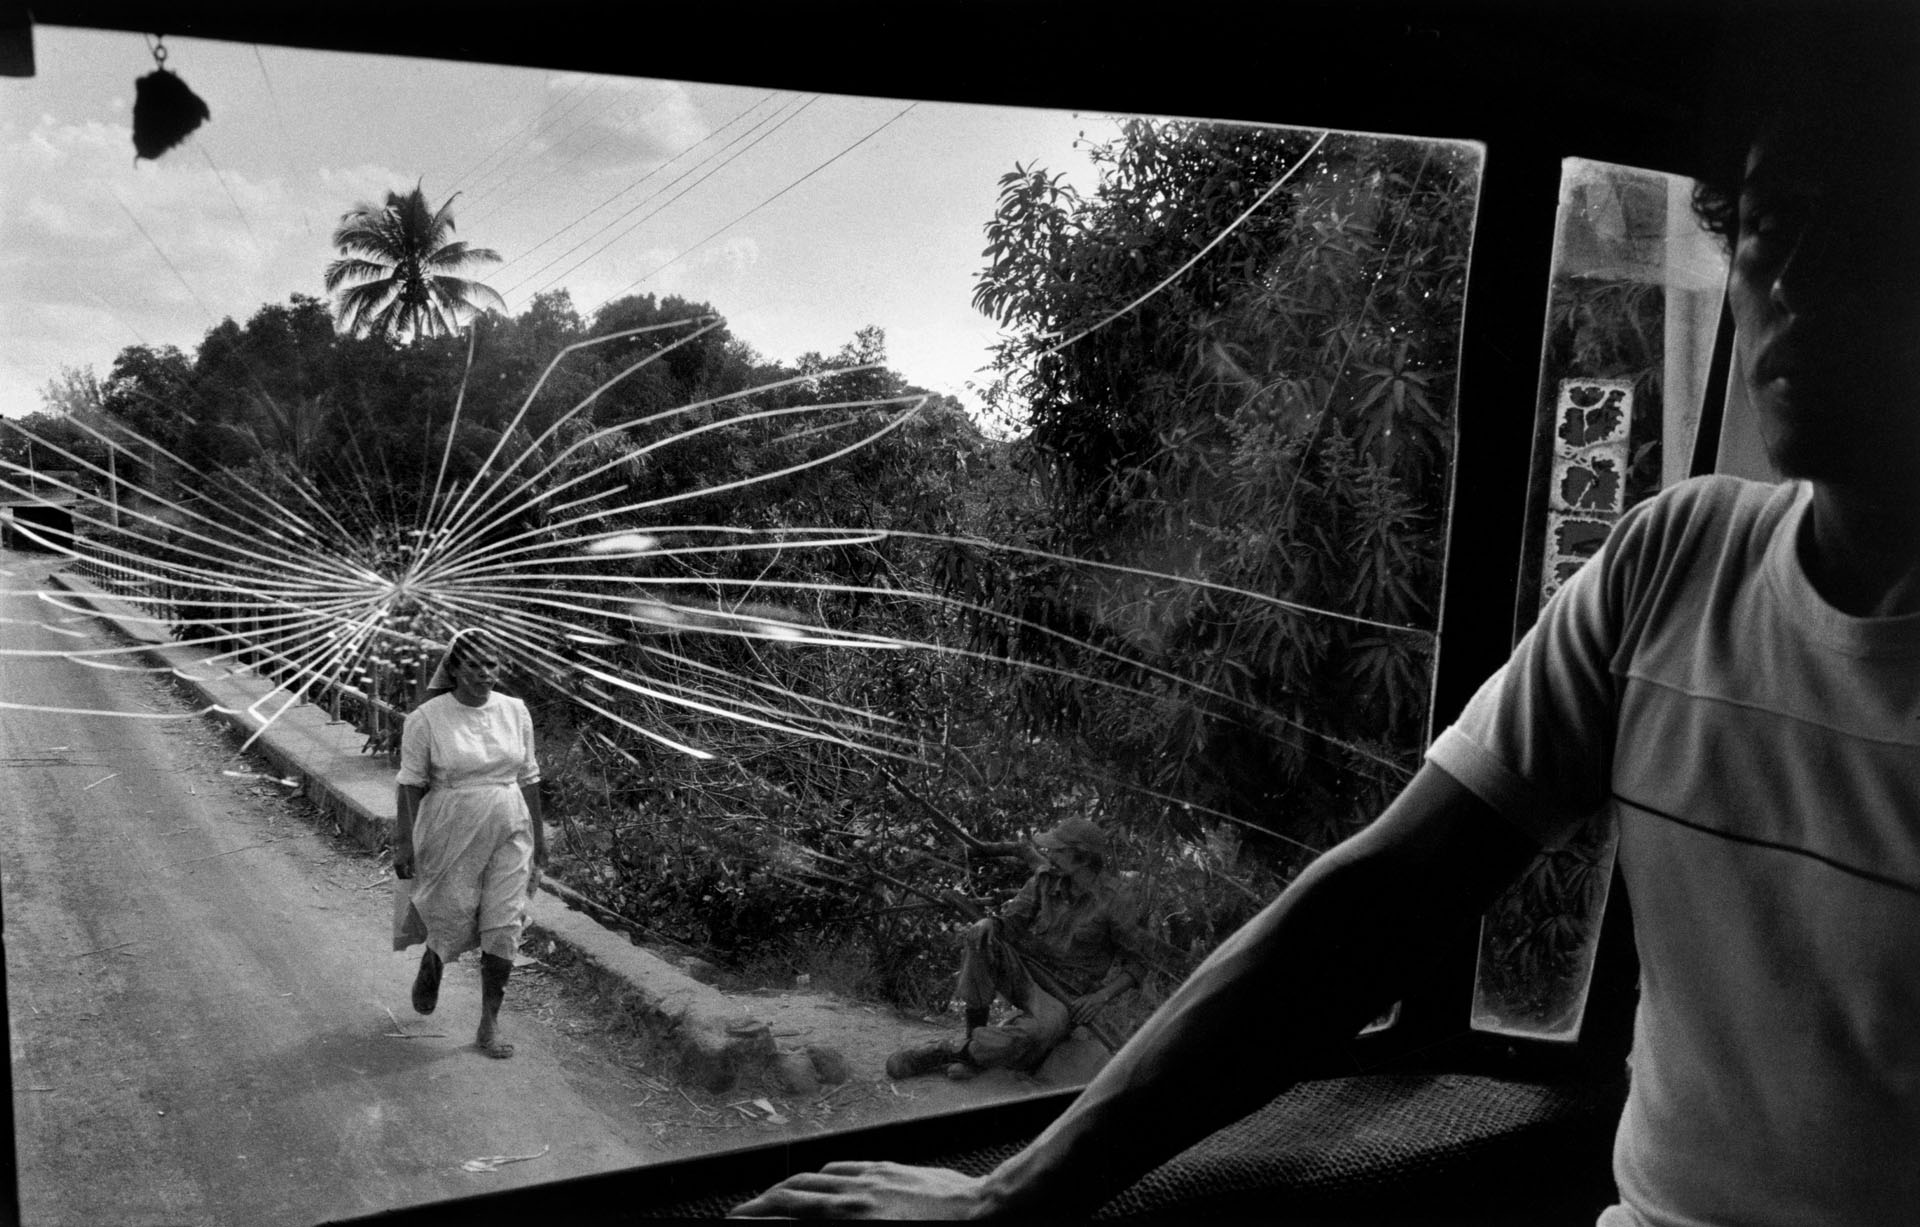 Estrada para Aguilares, El Salvador, 1983. © Susan Meiselas/ Magnum Photos